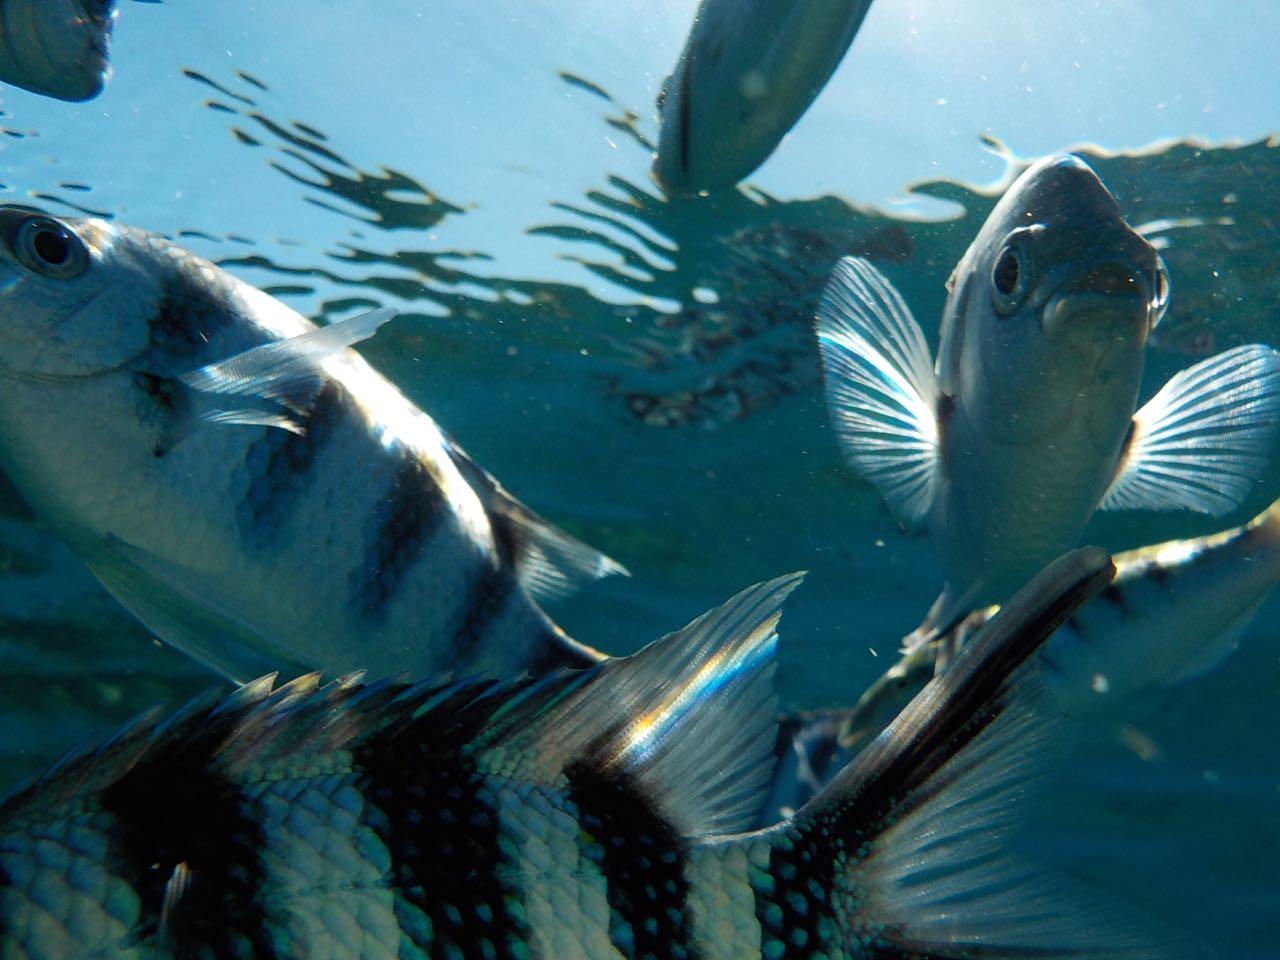 Fische am Split Rock in Savusavu Fiji wohin man blickt